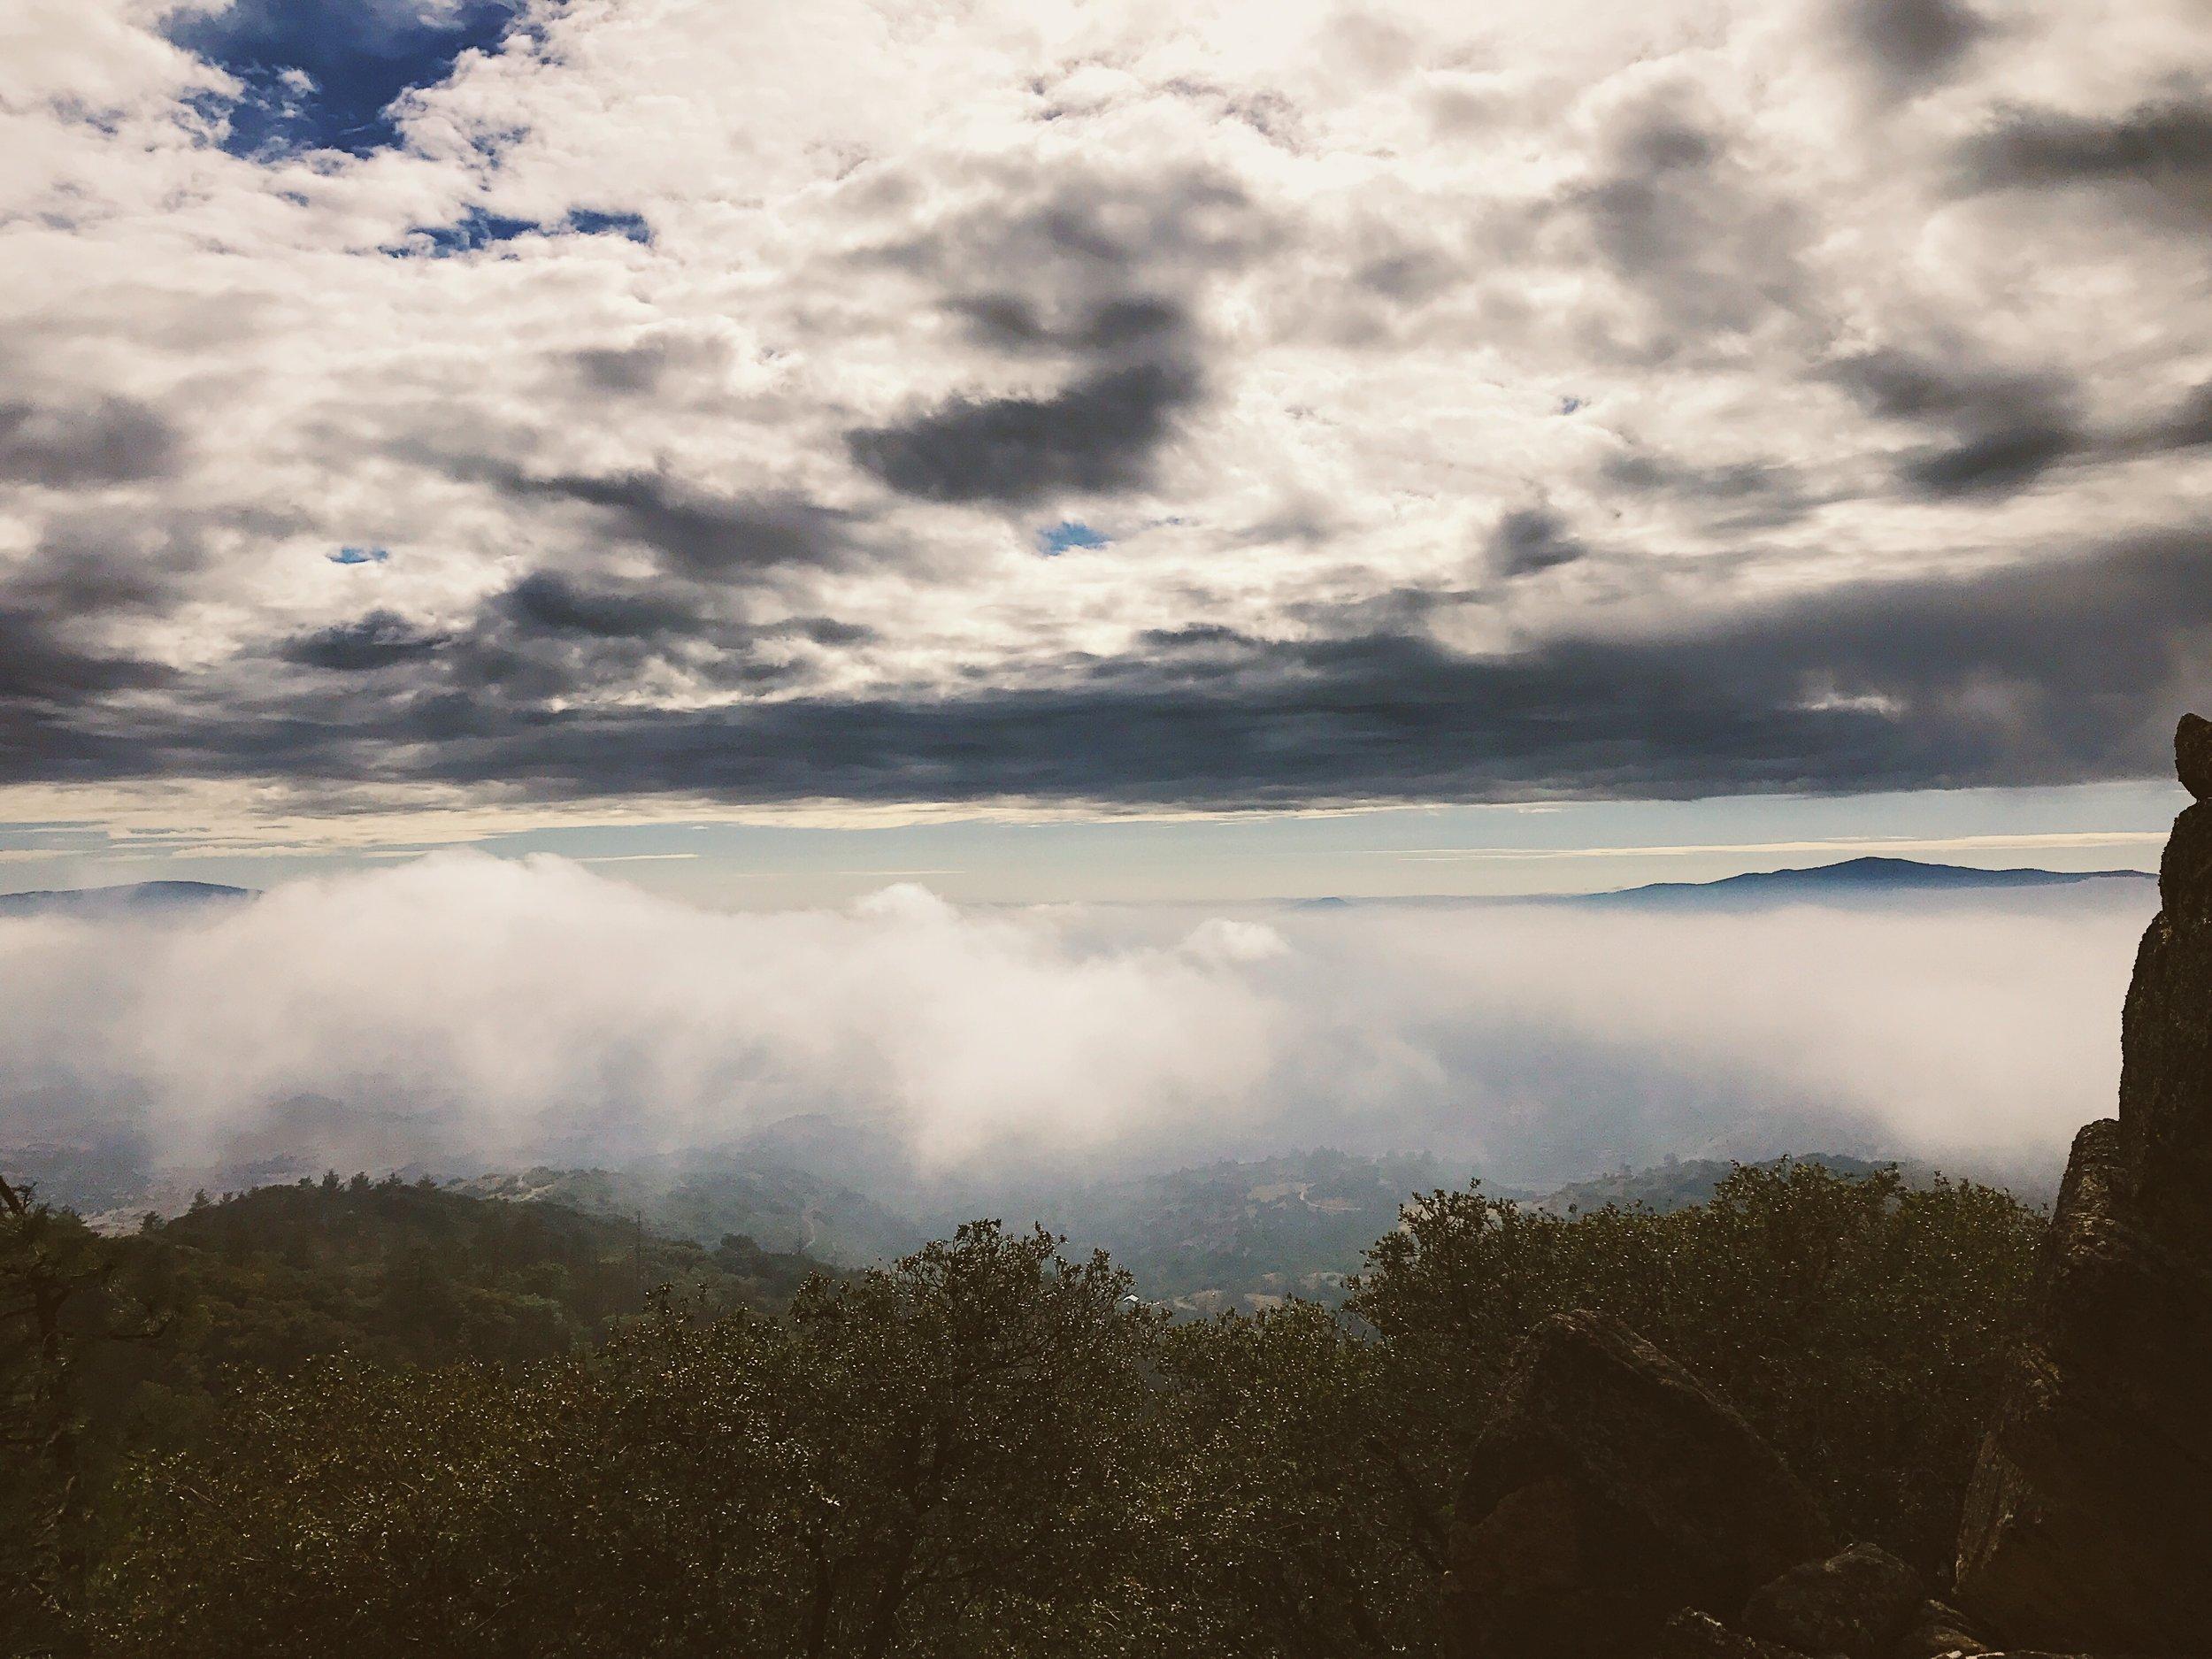 clouds above, fog below.